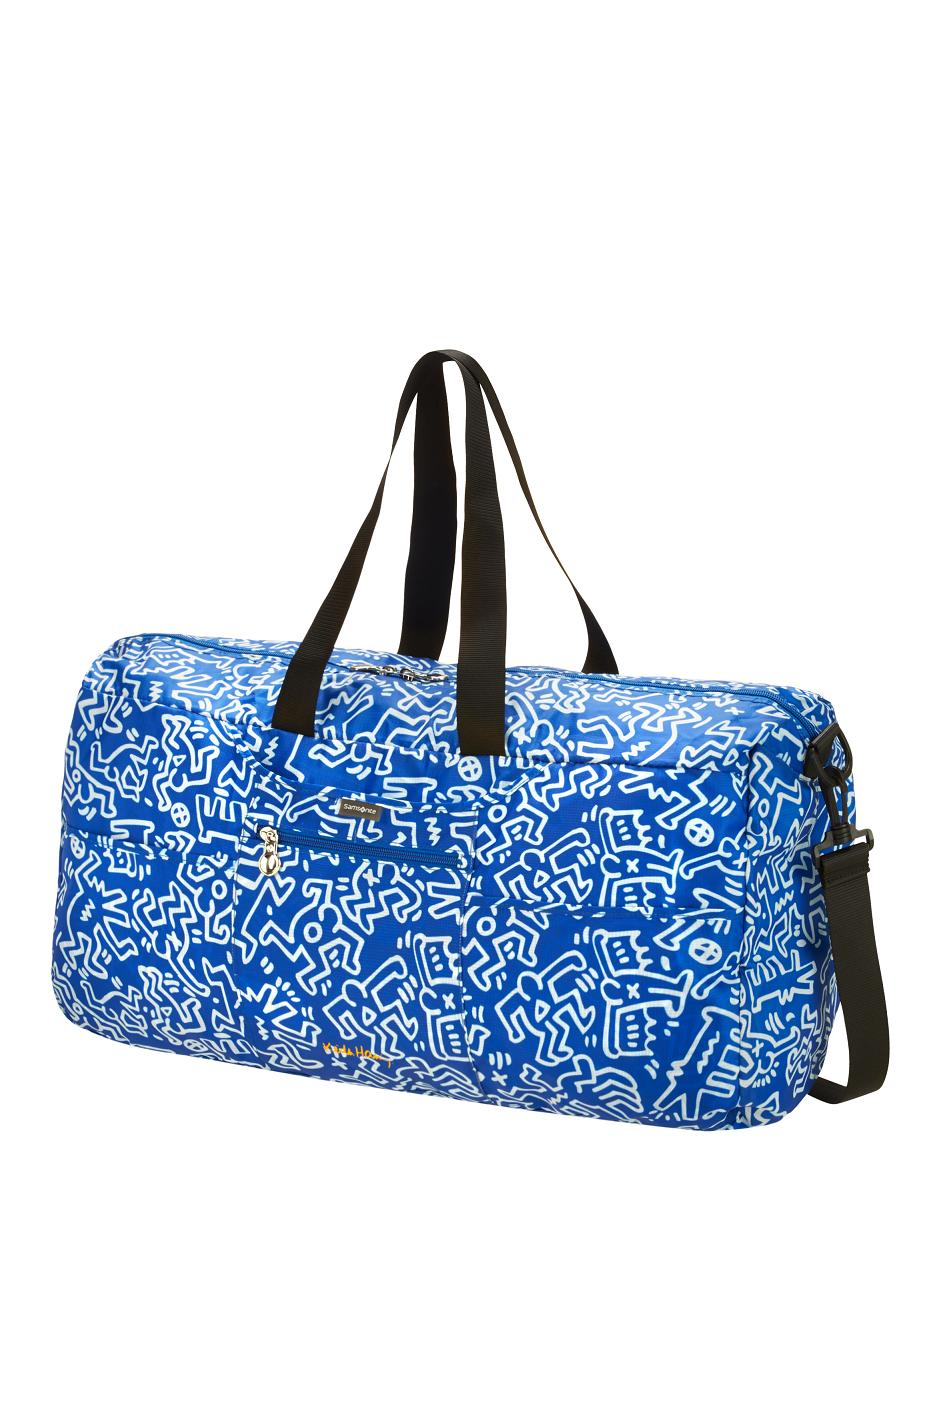 Keith Haring Foldaway Duffle